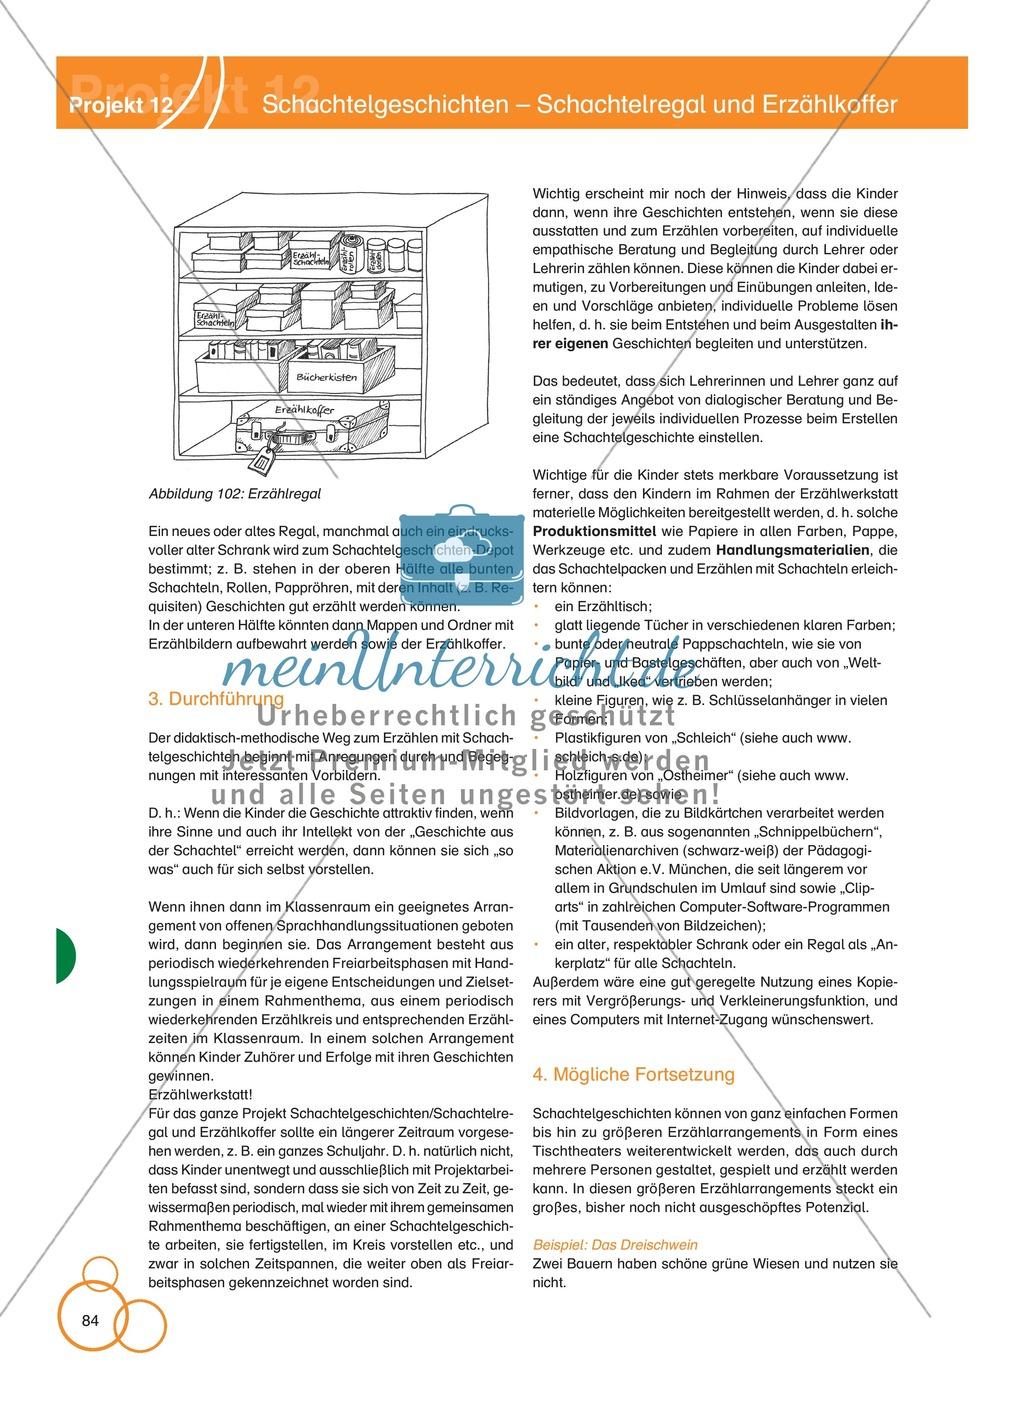 Projekt 12: Schachtelgeschichten - Schachtelregal und Erzählkoffer Preview 5